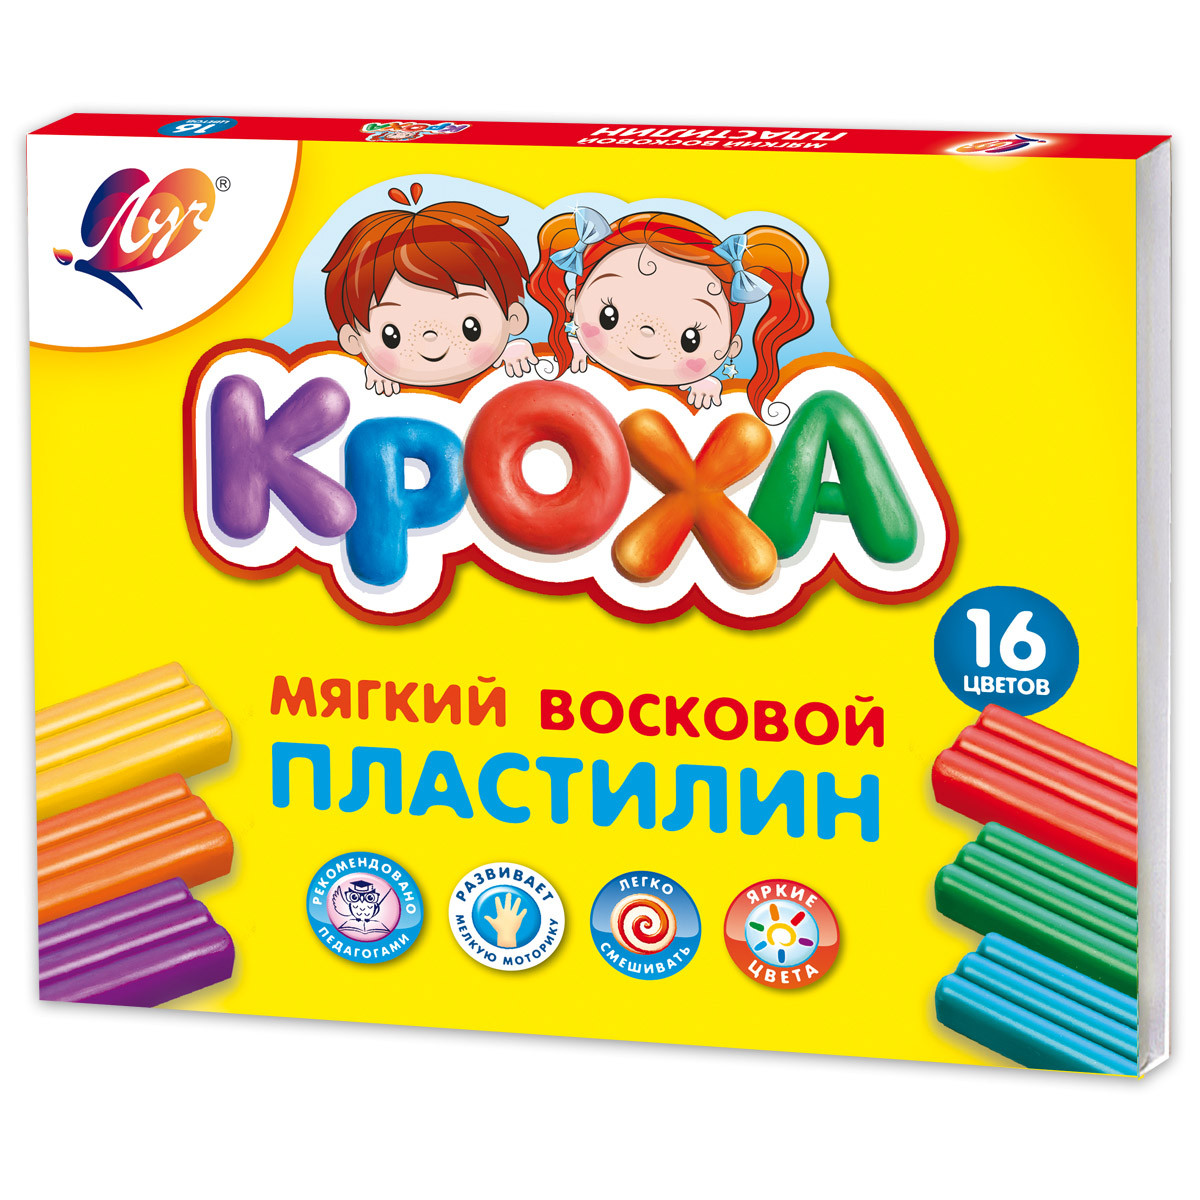 """Пластилин Луч """"Кроха"""" 16цв. мягкий, 264г. к/к, со стеком 28С1646-08"""